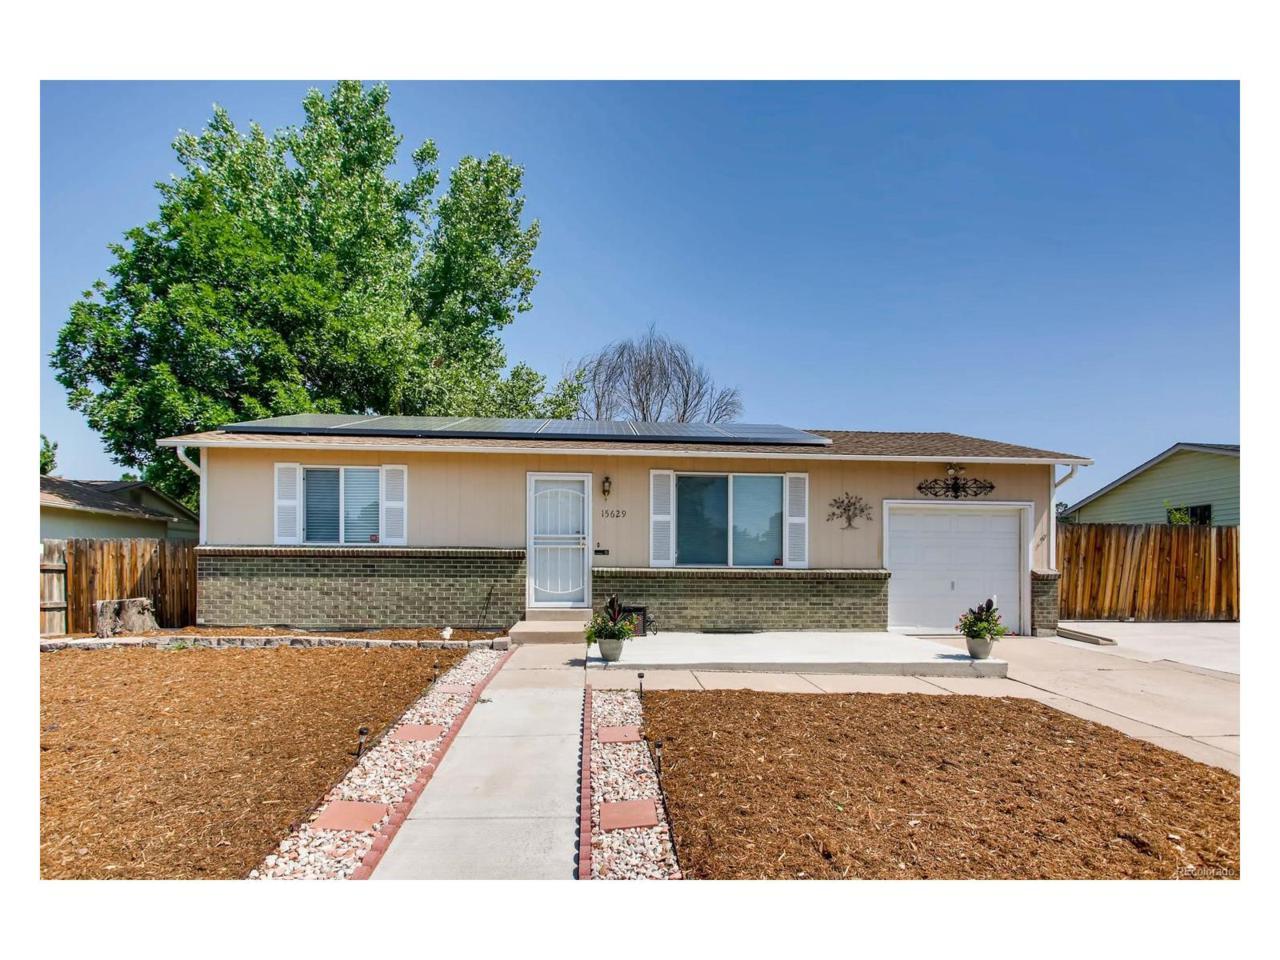 15629 E Hamilton Place, Aurora, CO 80013 (MLS #4763779) :: 8z Real Estate